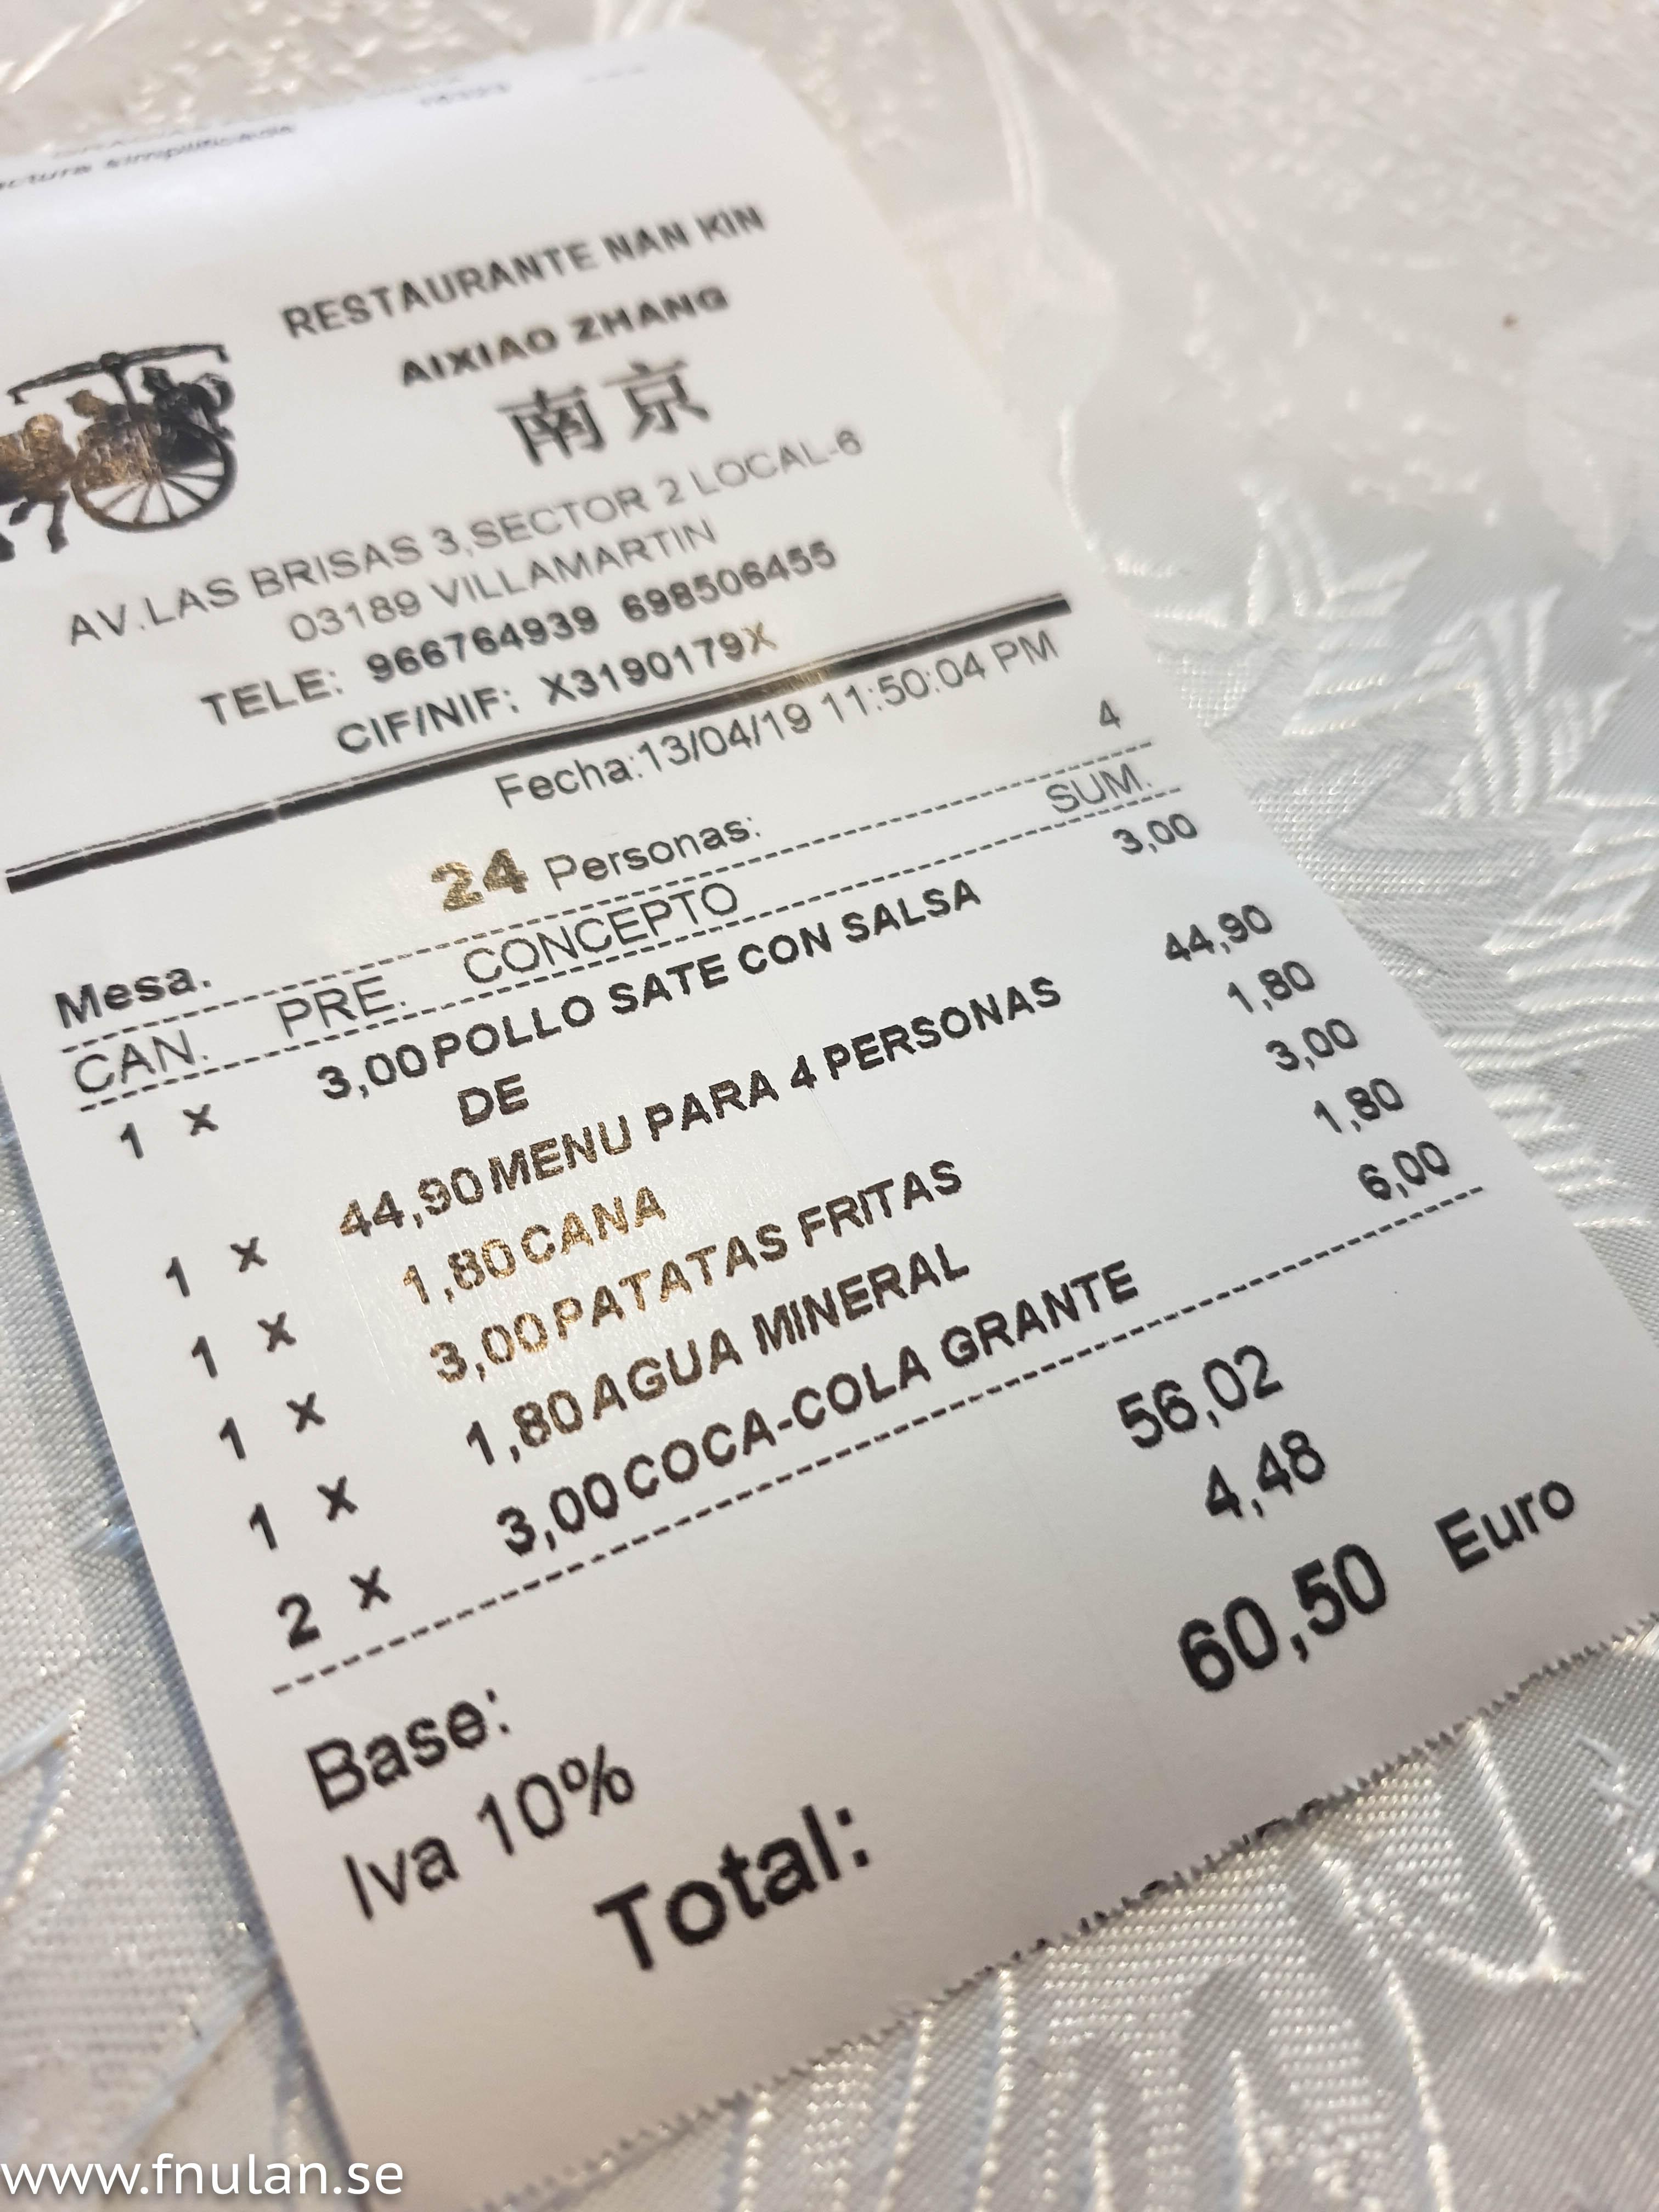 Kina restaurang Villamartin Torreveija